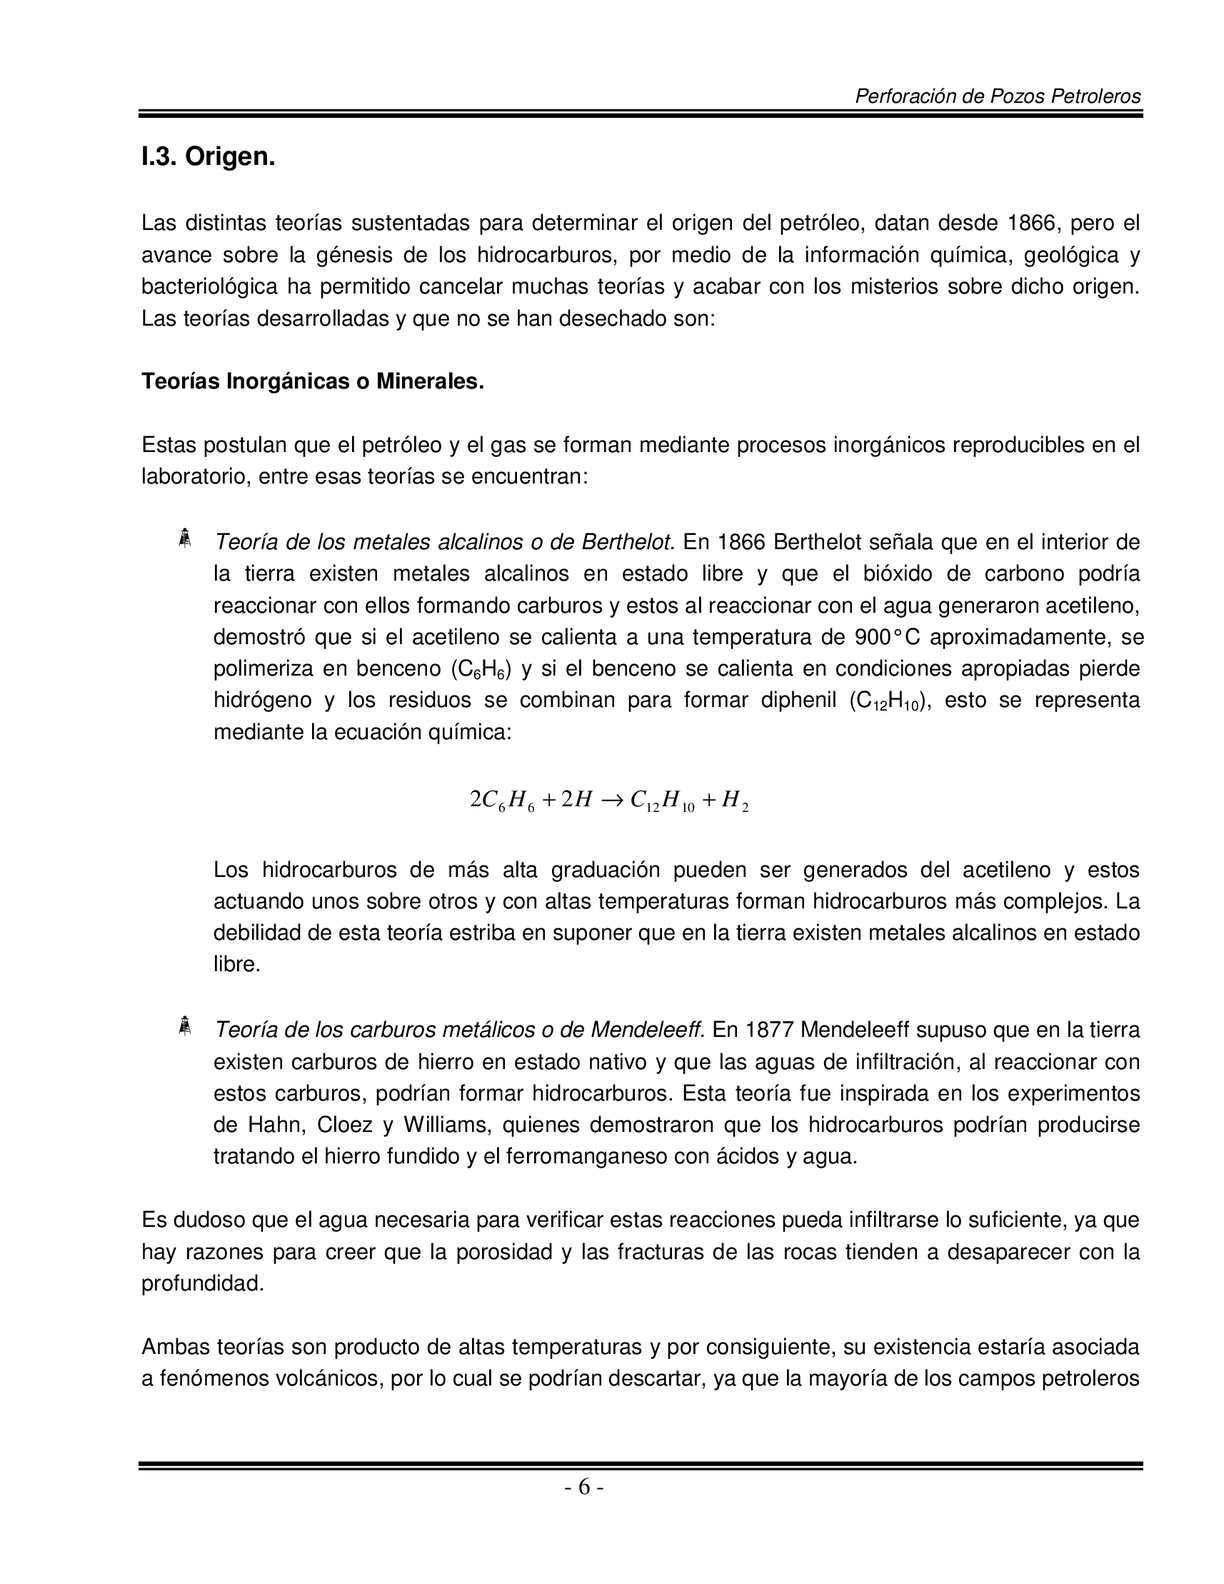 26573841 Perforacion De Pozos Petroleros - CALAMEO Downloader